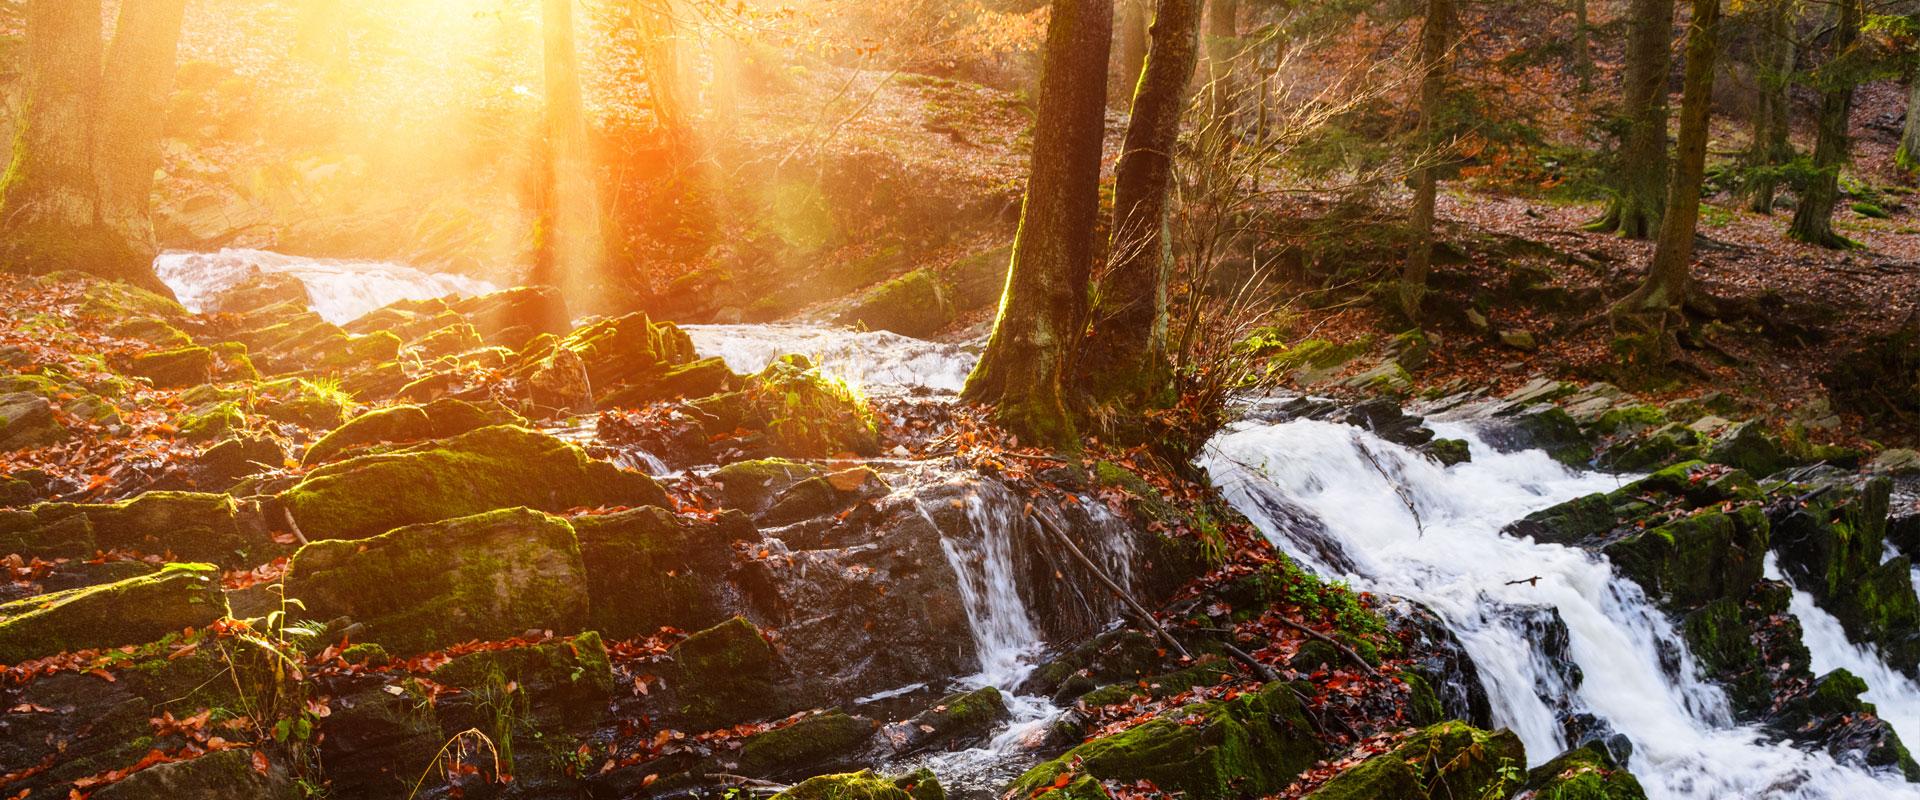 Imagebild kleiner Wasserfall im Wald